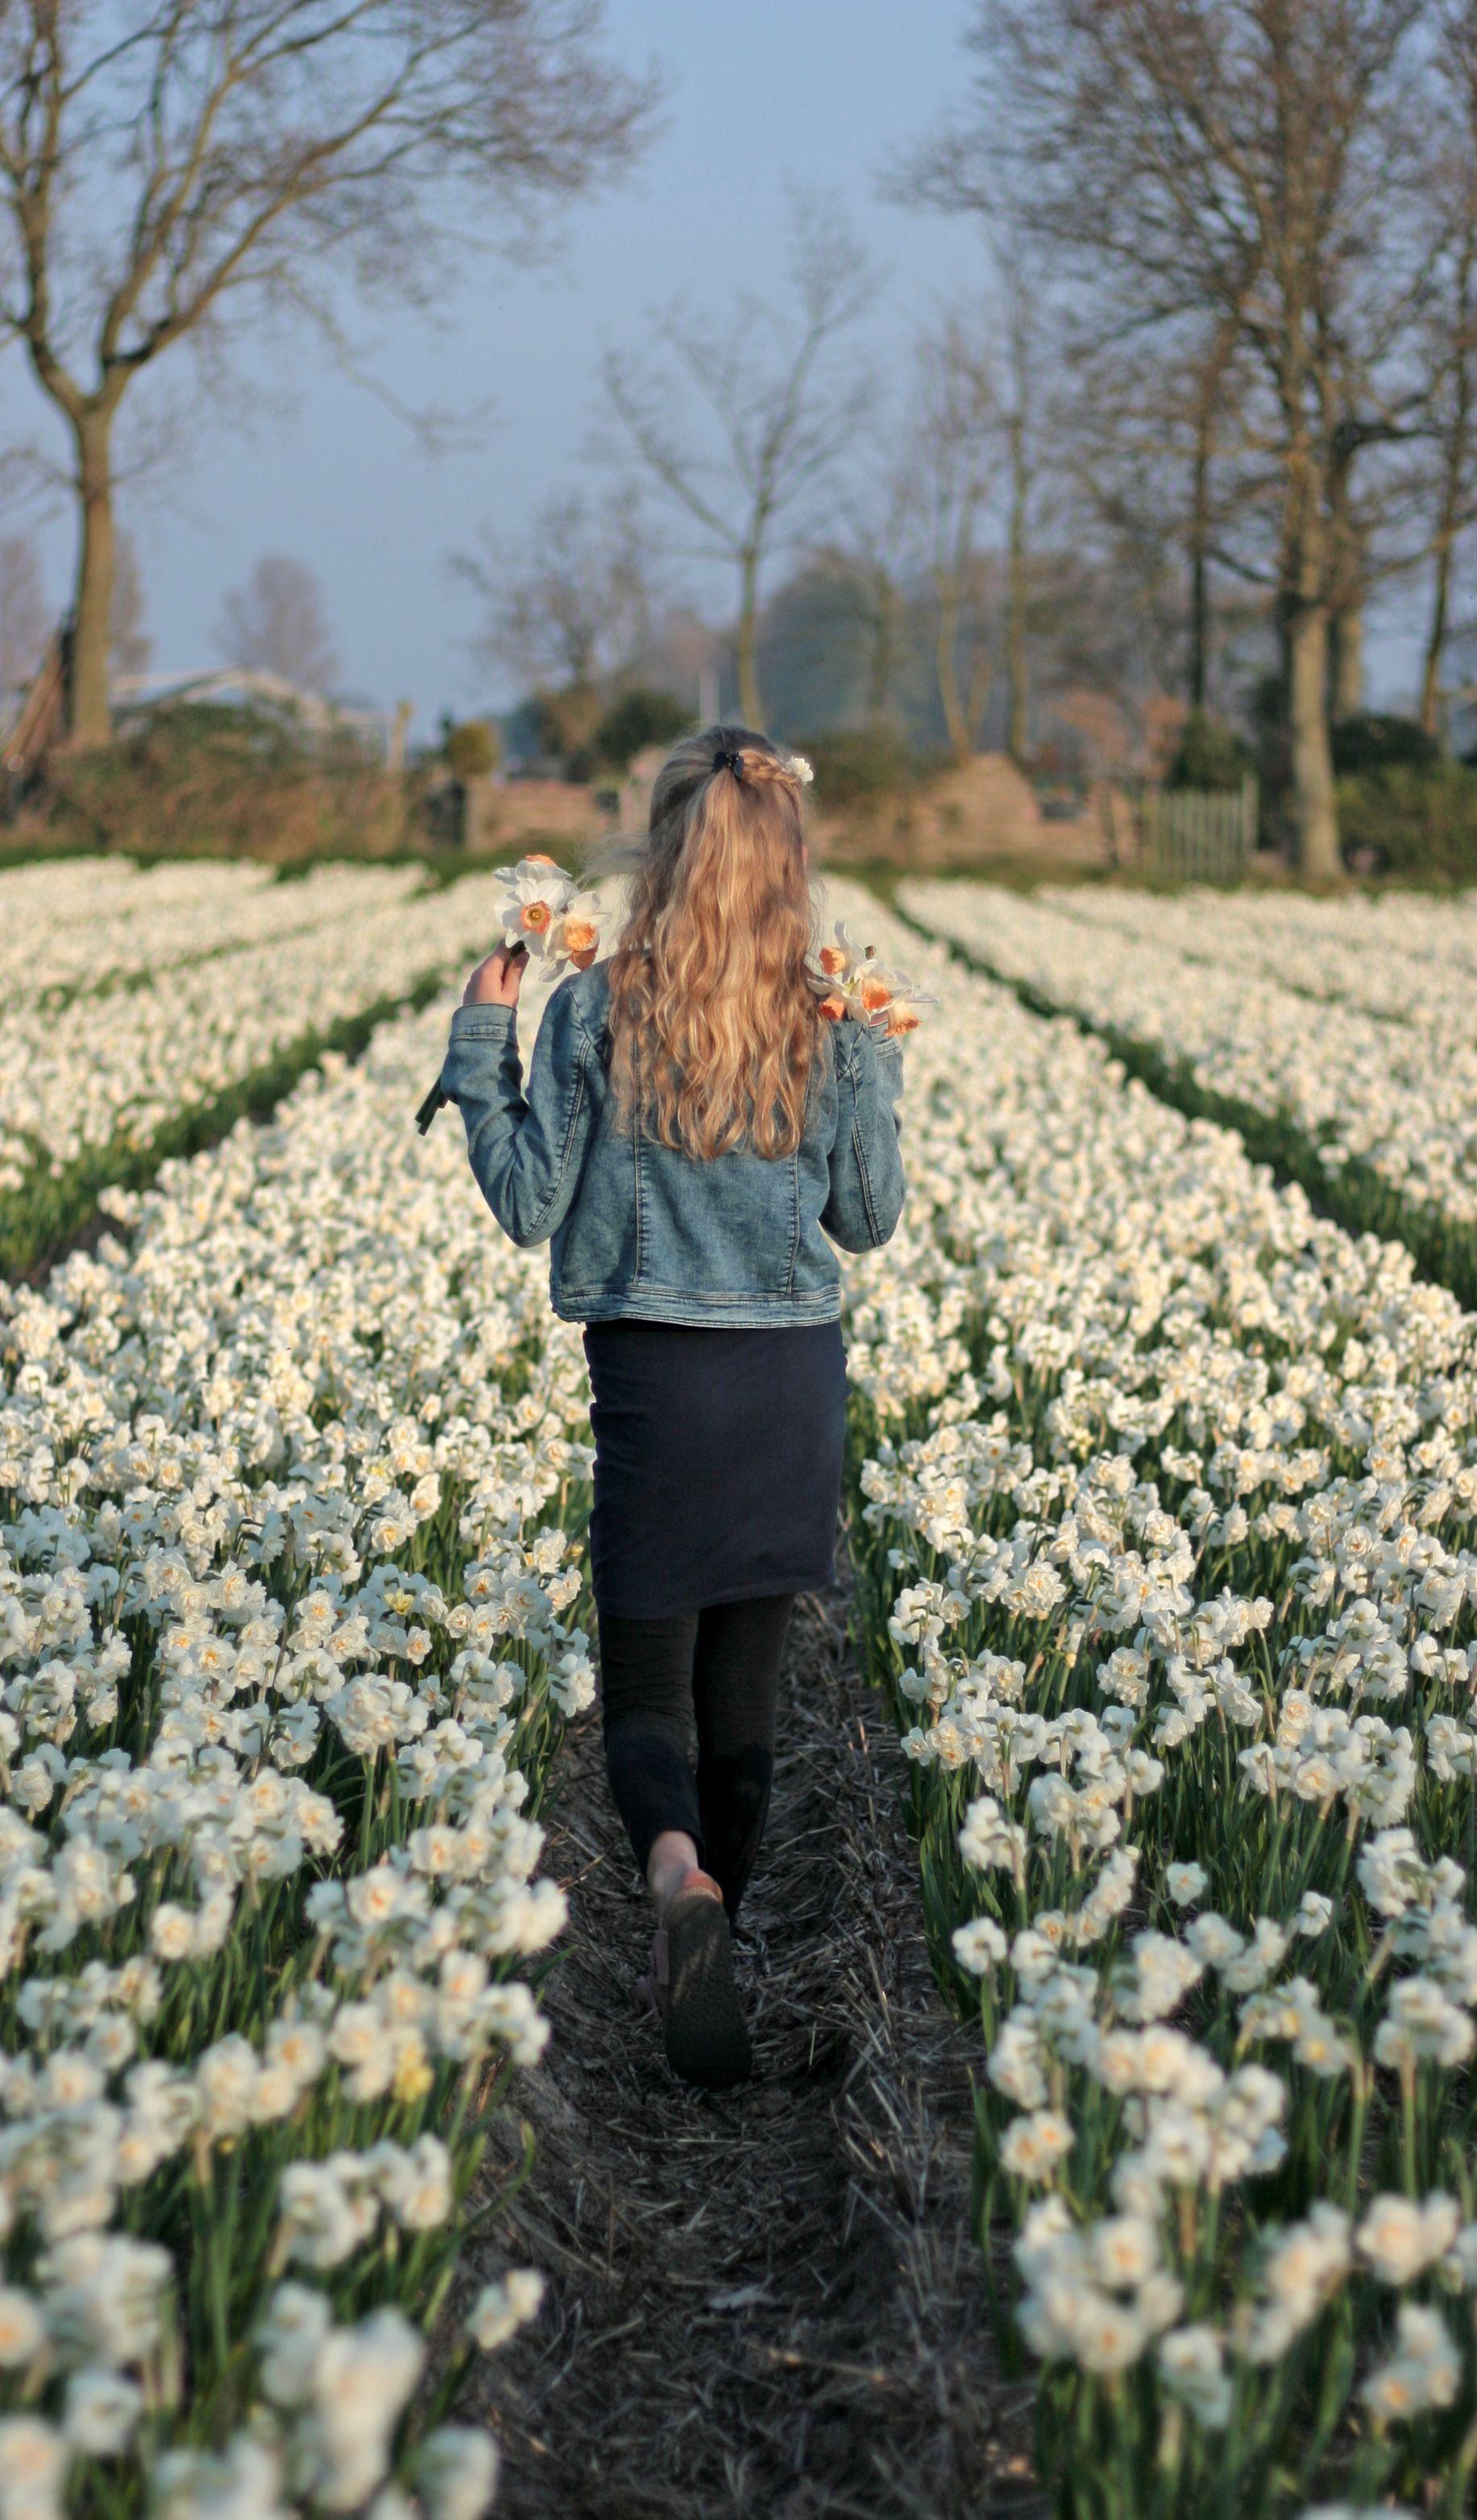 My lLittle girl walking in endless fields of daffodils